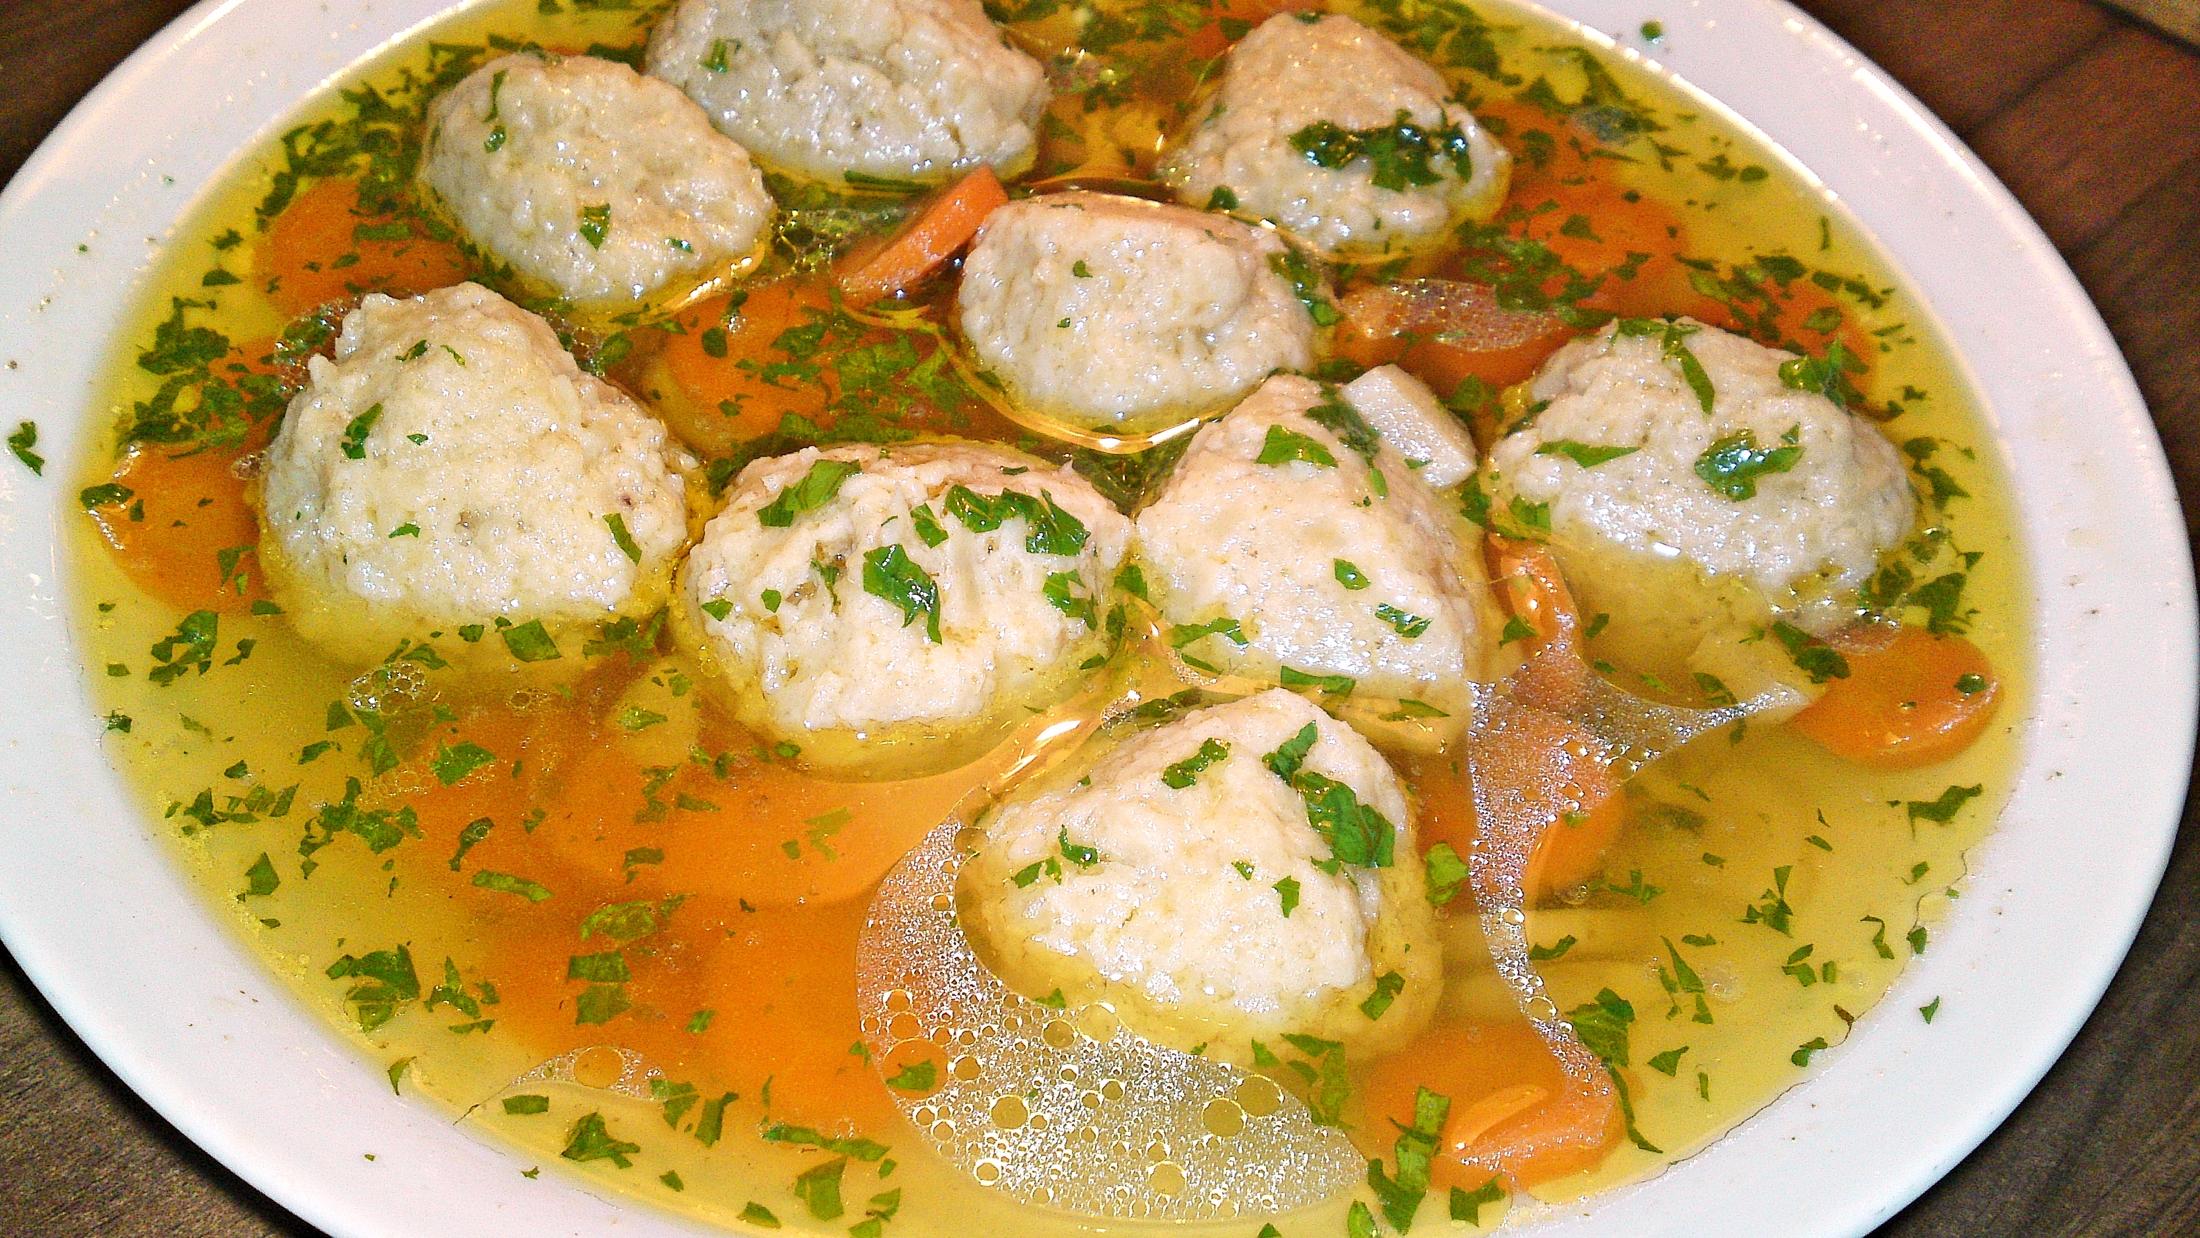 Zlatá slepičí polévka - Goldene joich - židovský penicilín